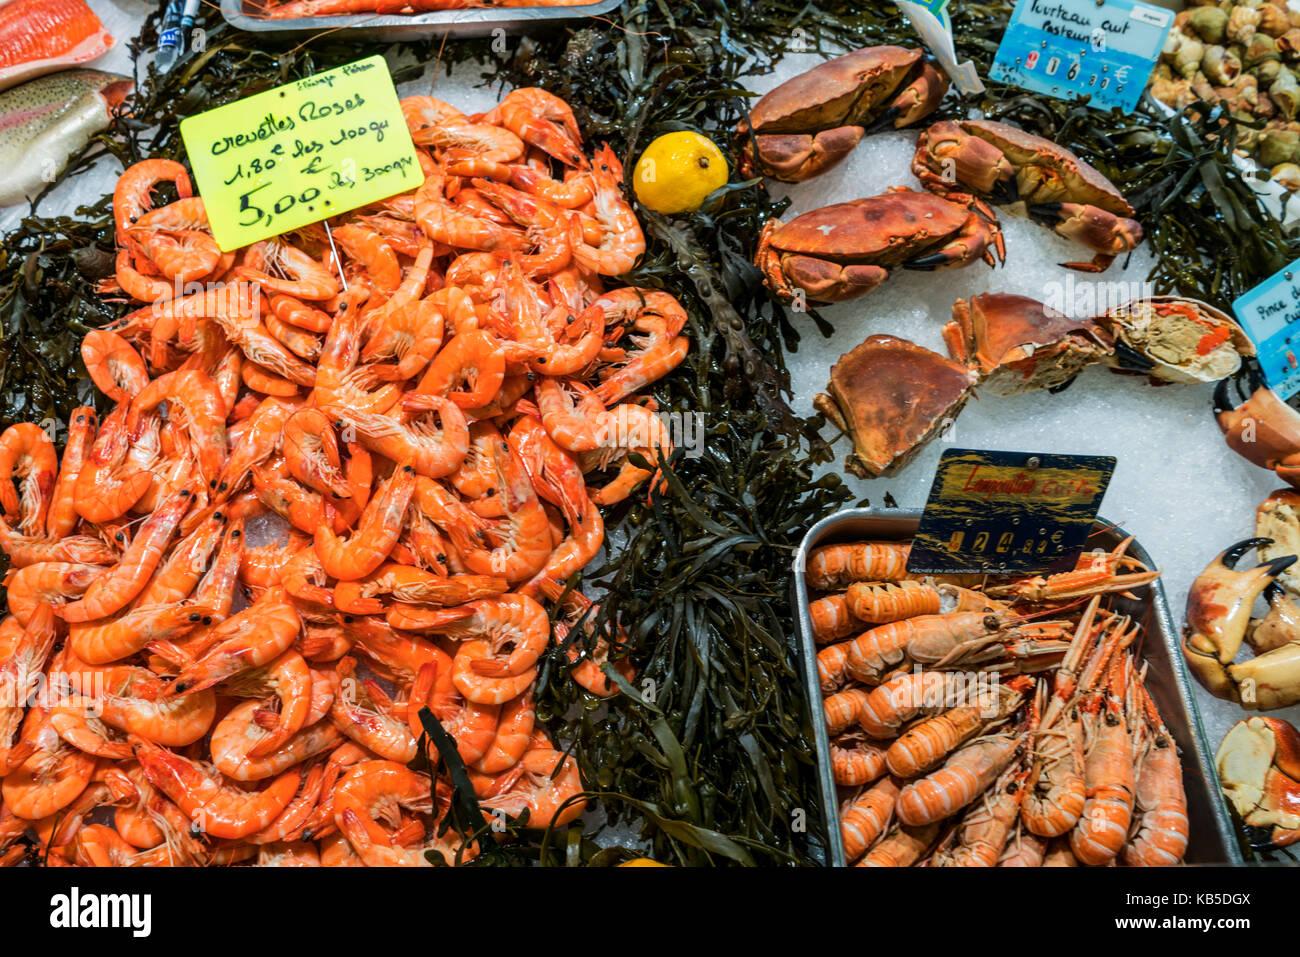 crabs, shrimps, fish, Marche de Capucins, Bordeaux, France - Stock Image